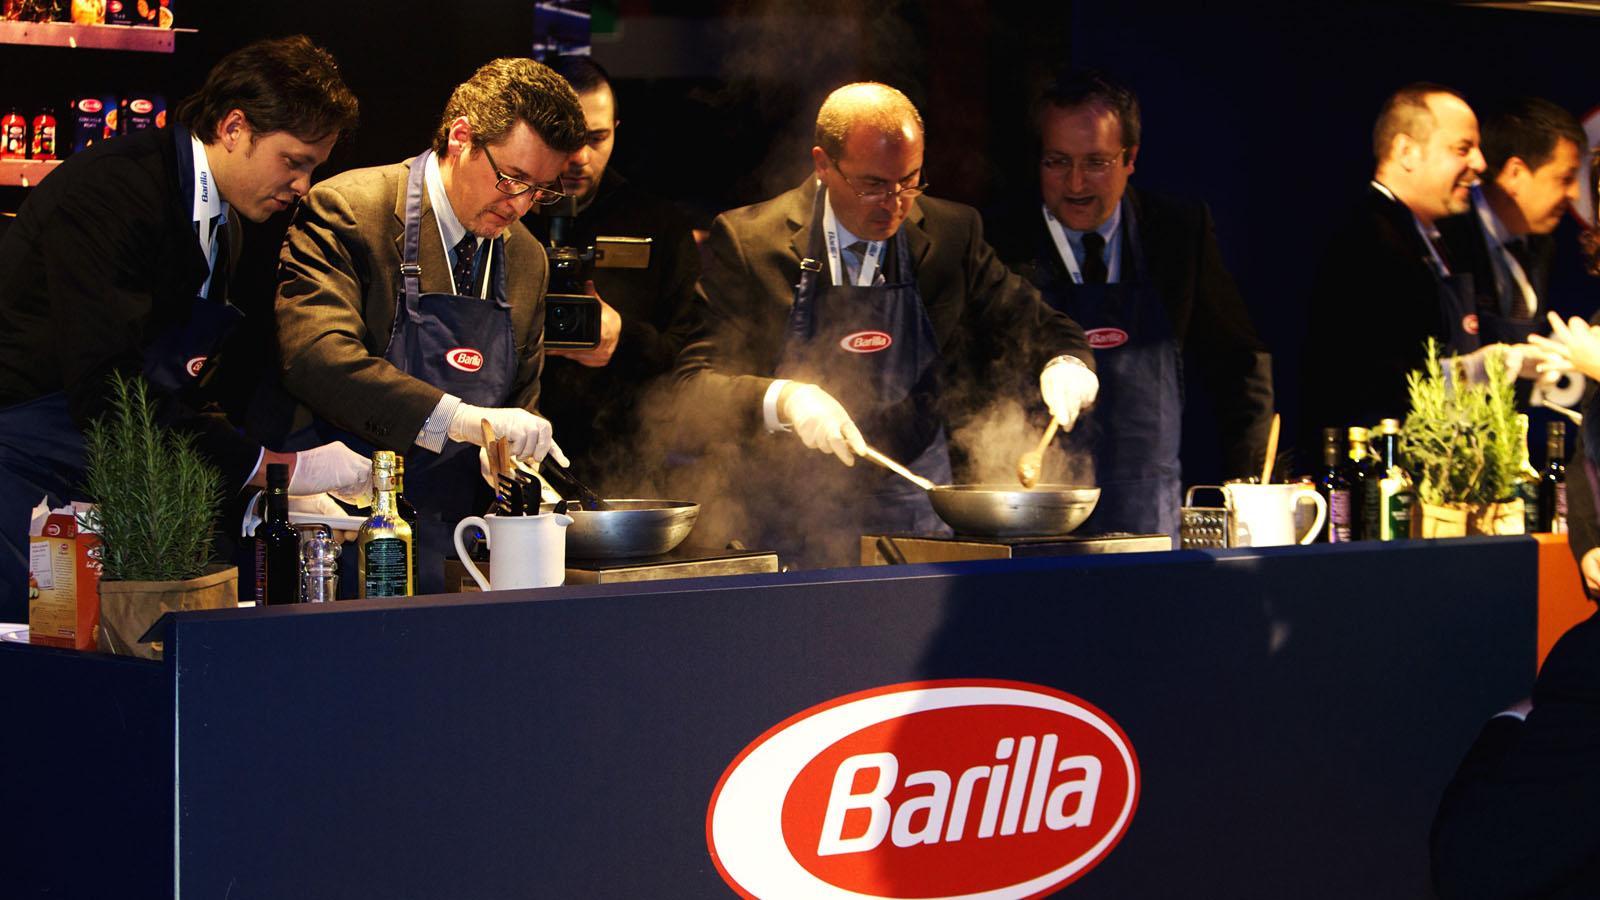 BARILLA-Yem-2010-04